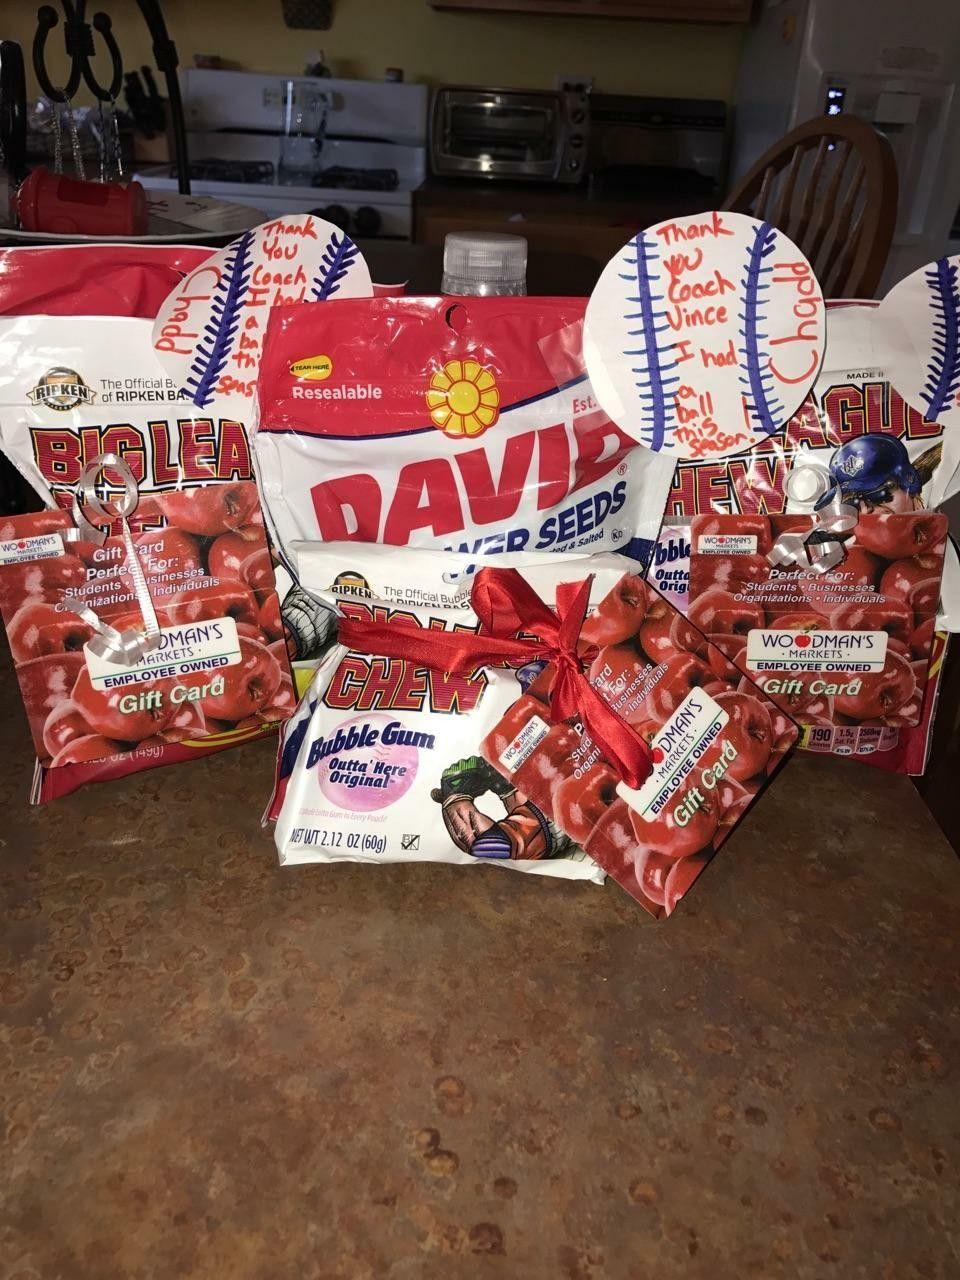 Baseball coach gift employee gifts coach gifts